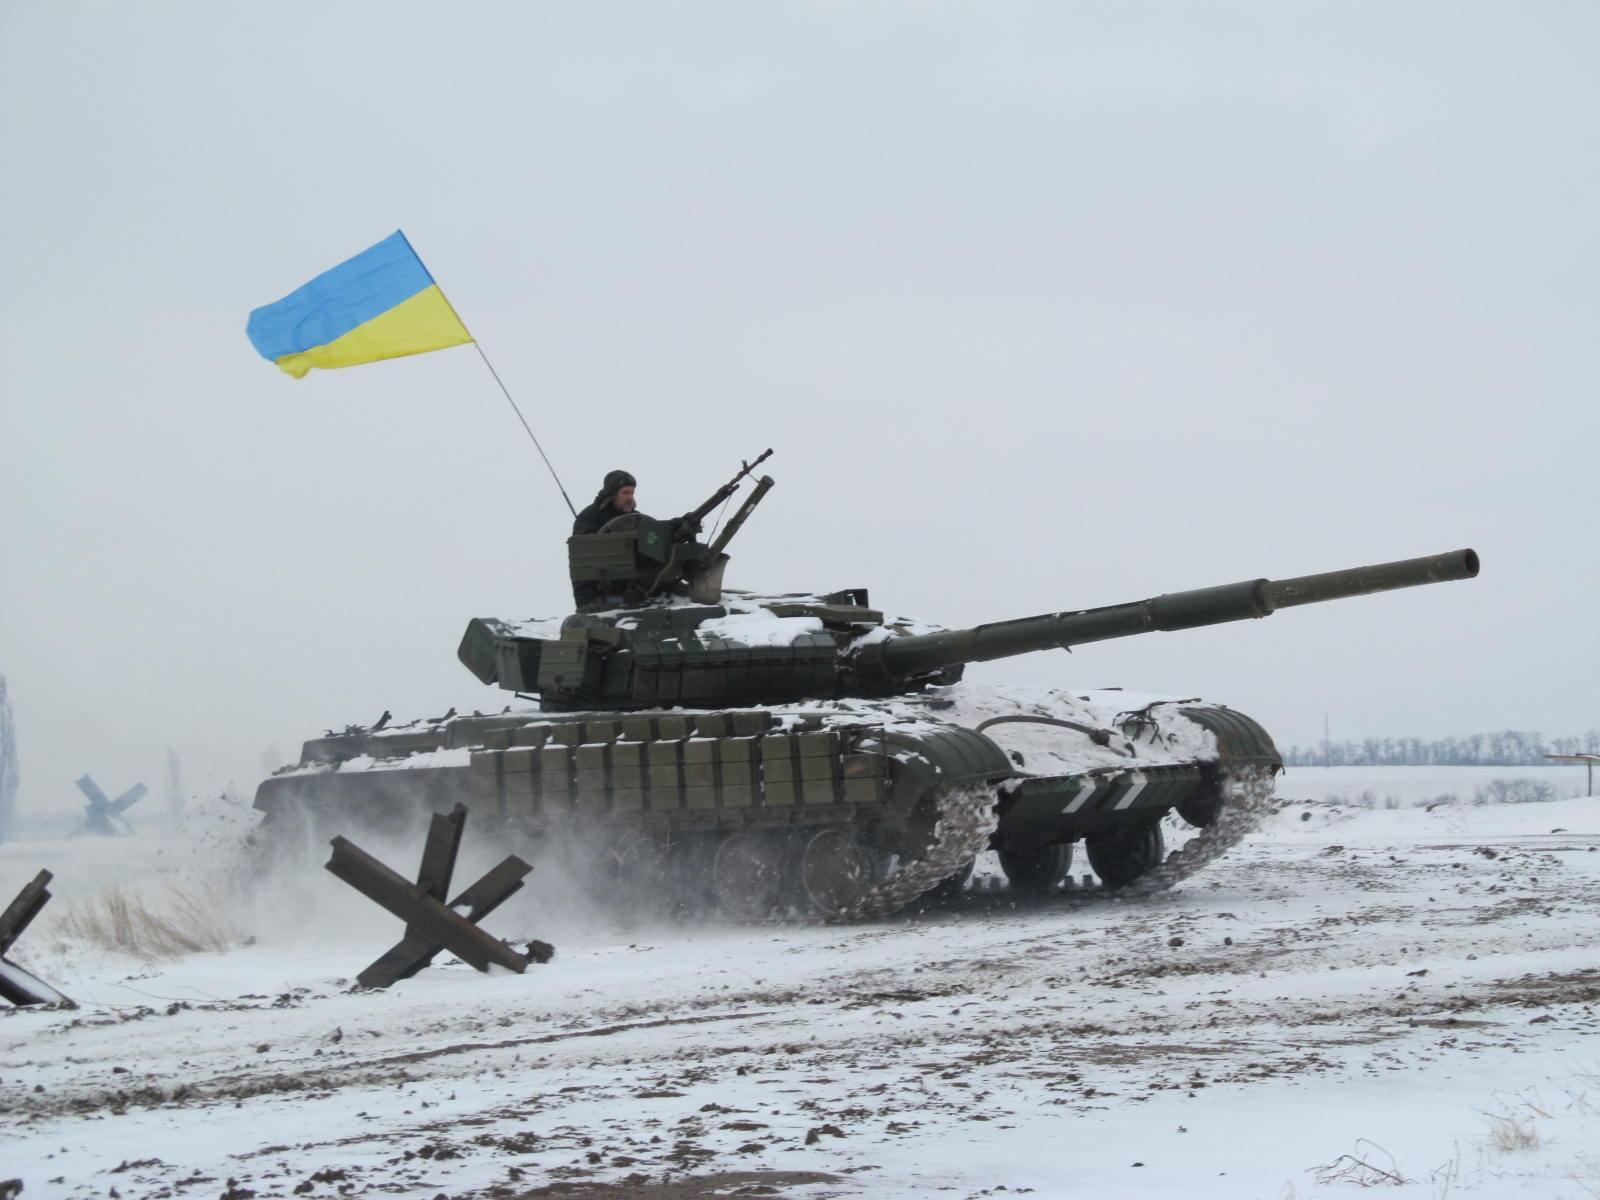 Украинские войска отработали уникальную боевую «связку» групп, турецких, противотанковых, комплексов, оружия, испытали, также, военнослужащие, Украинские, тактических, Bayraktar, подразделения, задействованы, бомбардировочная, штурмовая, истребительная, авиацияОсобый, участие, приняли, учениях